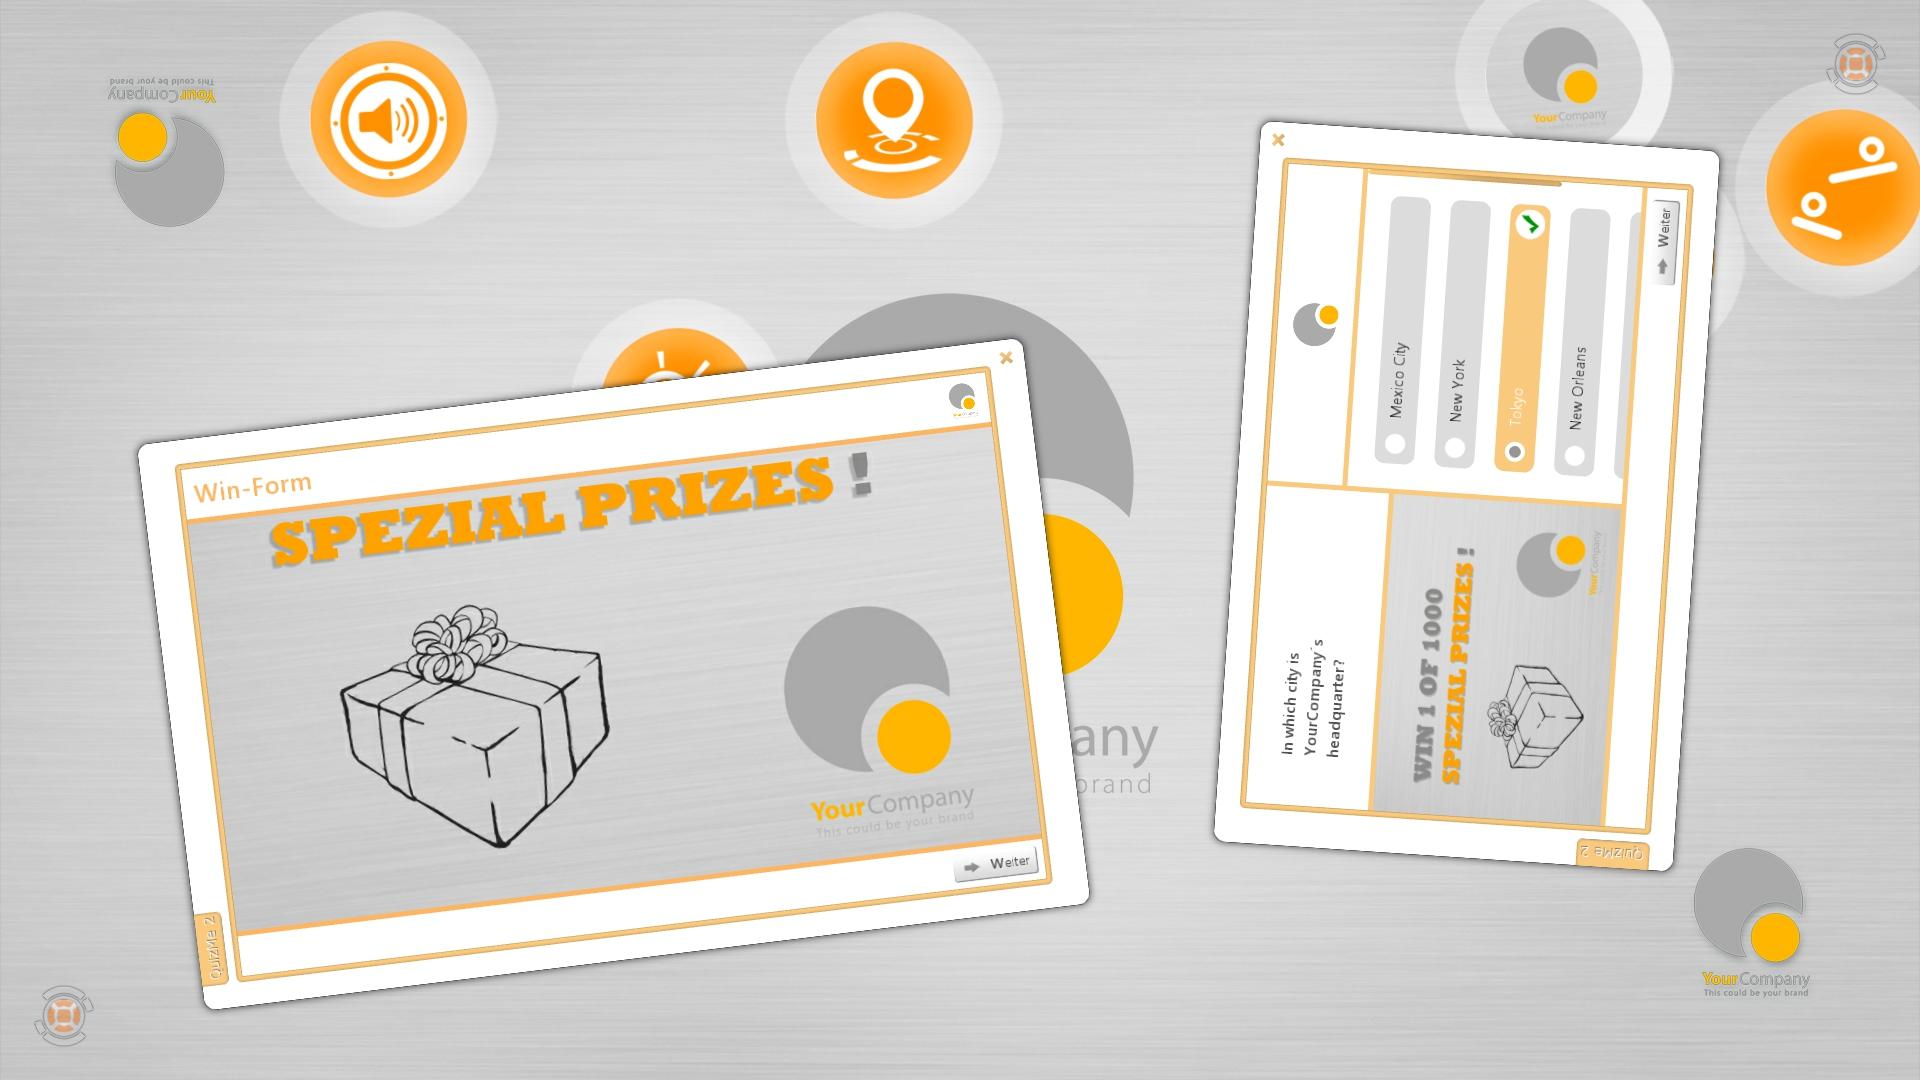 Multimedia-App: QuizMe